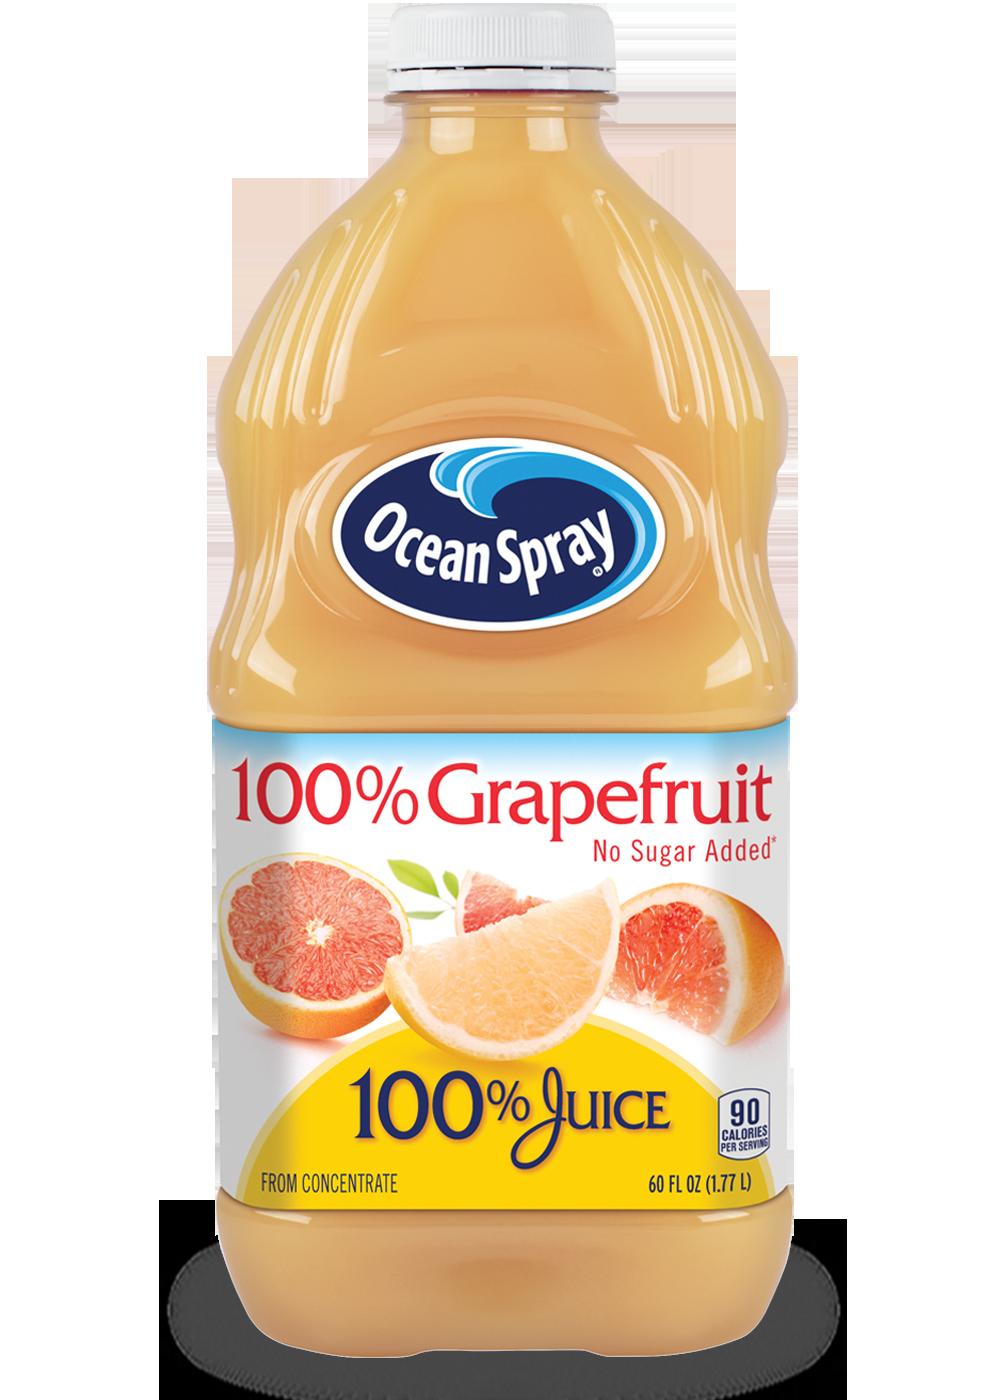 100% Grapefruit Juice